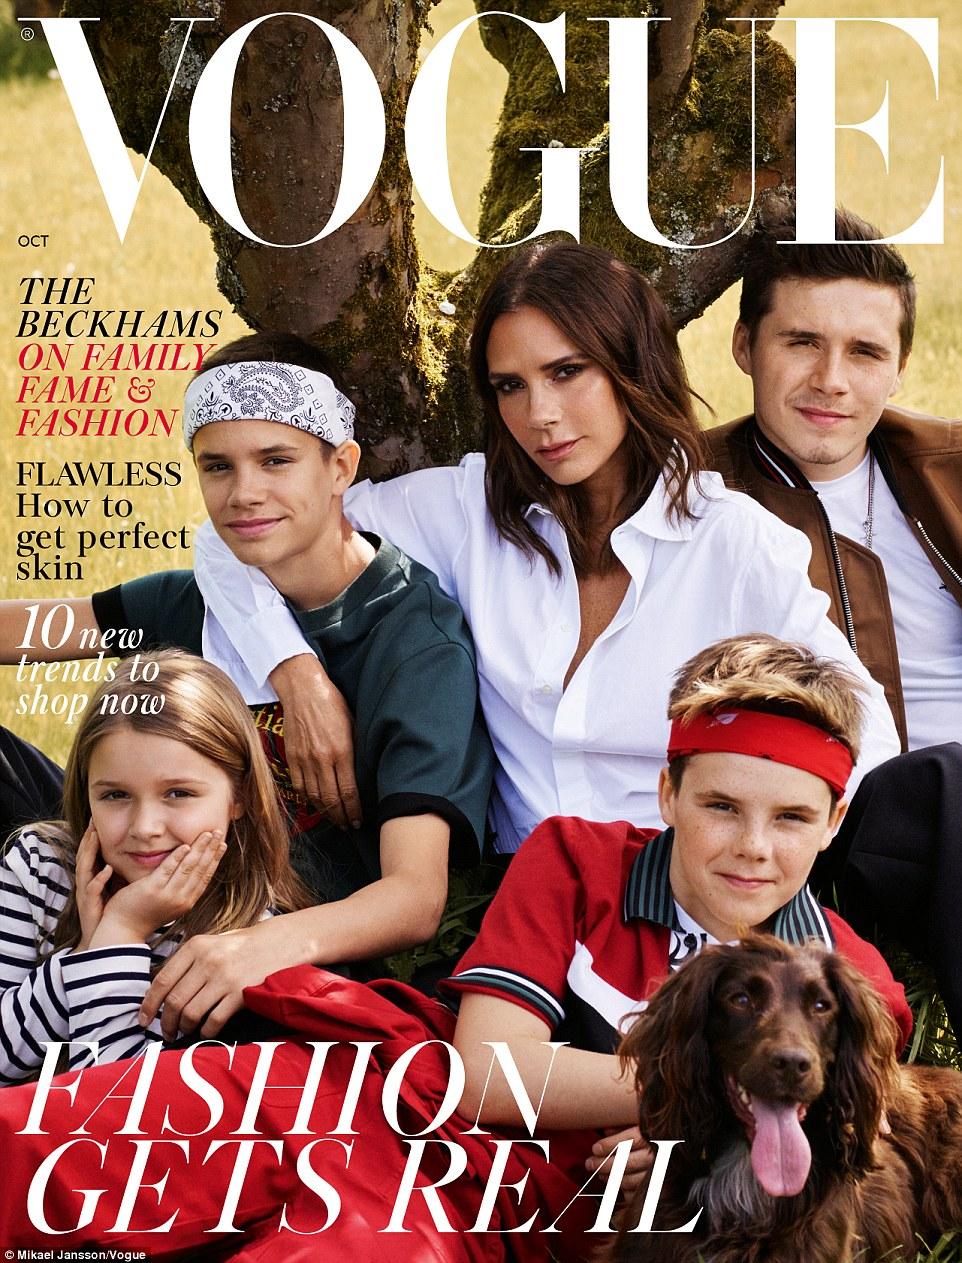 Maman fière: Pour l'édition d'octobre de la publication emblématique, le couple de superstars a pris part à un photoshoot avec toute leur famille - les enfants Brooklyn, 19 ans, Romeo, 16 ans, Cruz, 13 ans, Harper, sept ans, et même leur cocker bien-aimé. Olive - mais David n'est visiblement pas sur la couverture